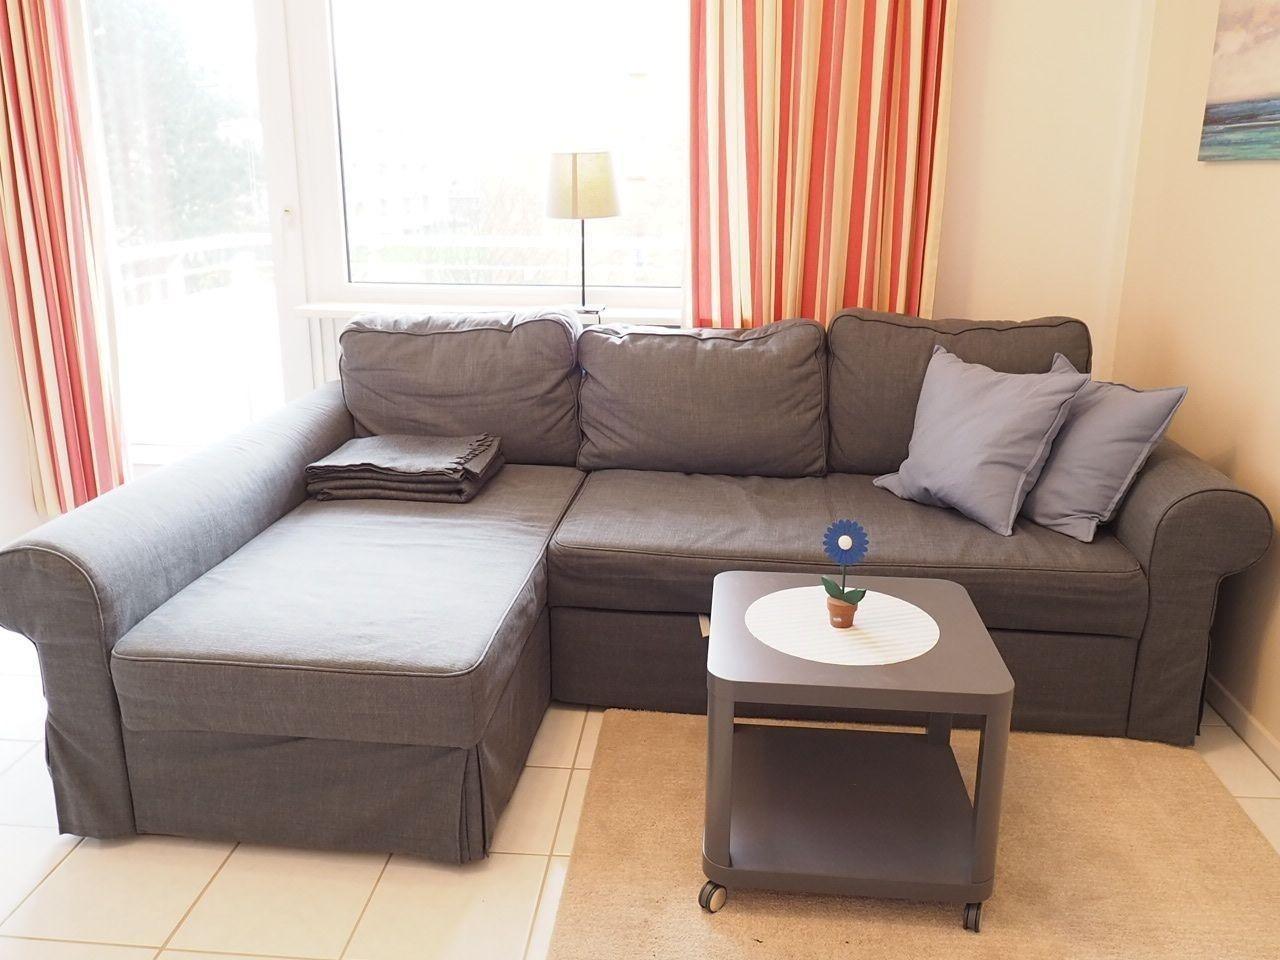 Ferienwohnung Appartement 19 (2656521), Westerland (DE), Sylt, Schleswig-Holstein, Deutschland, Bild 1